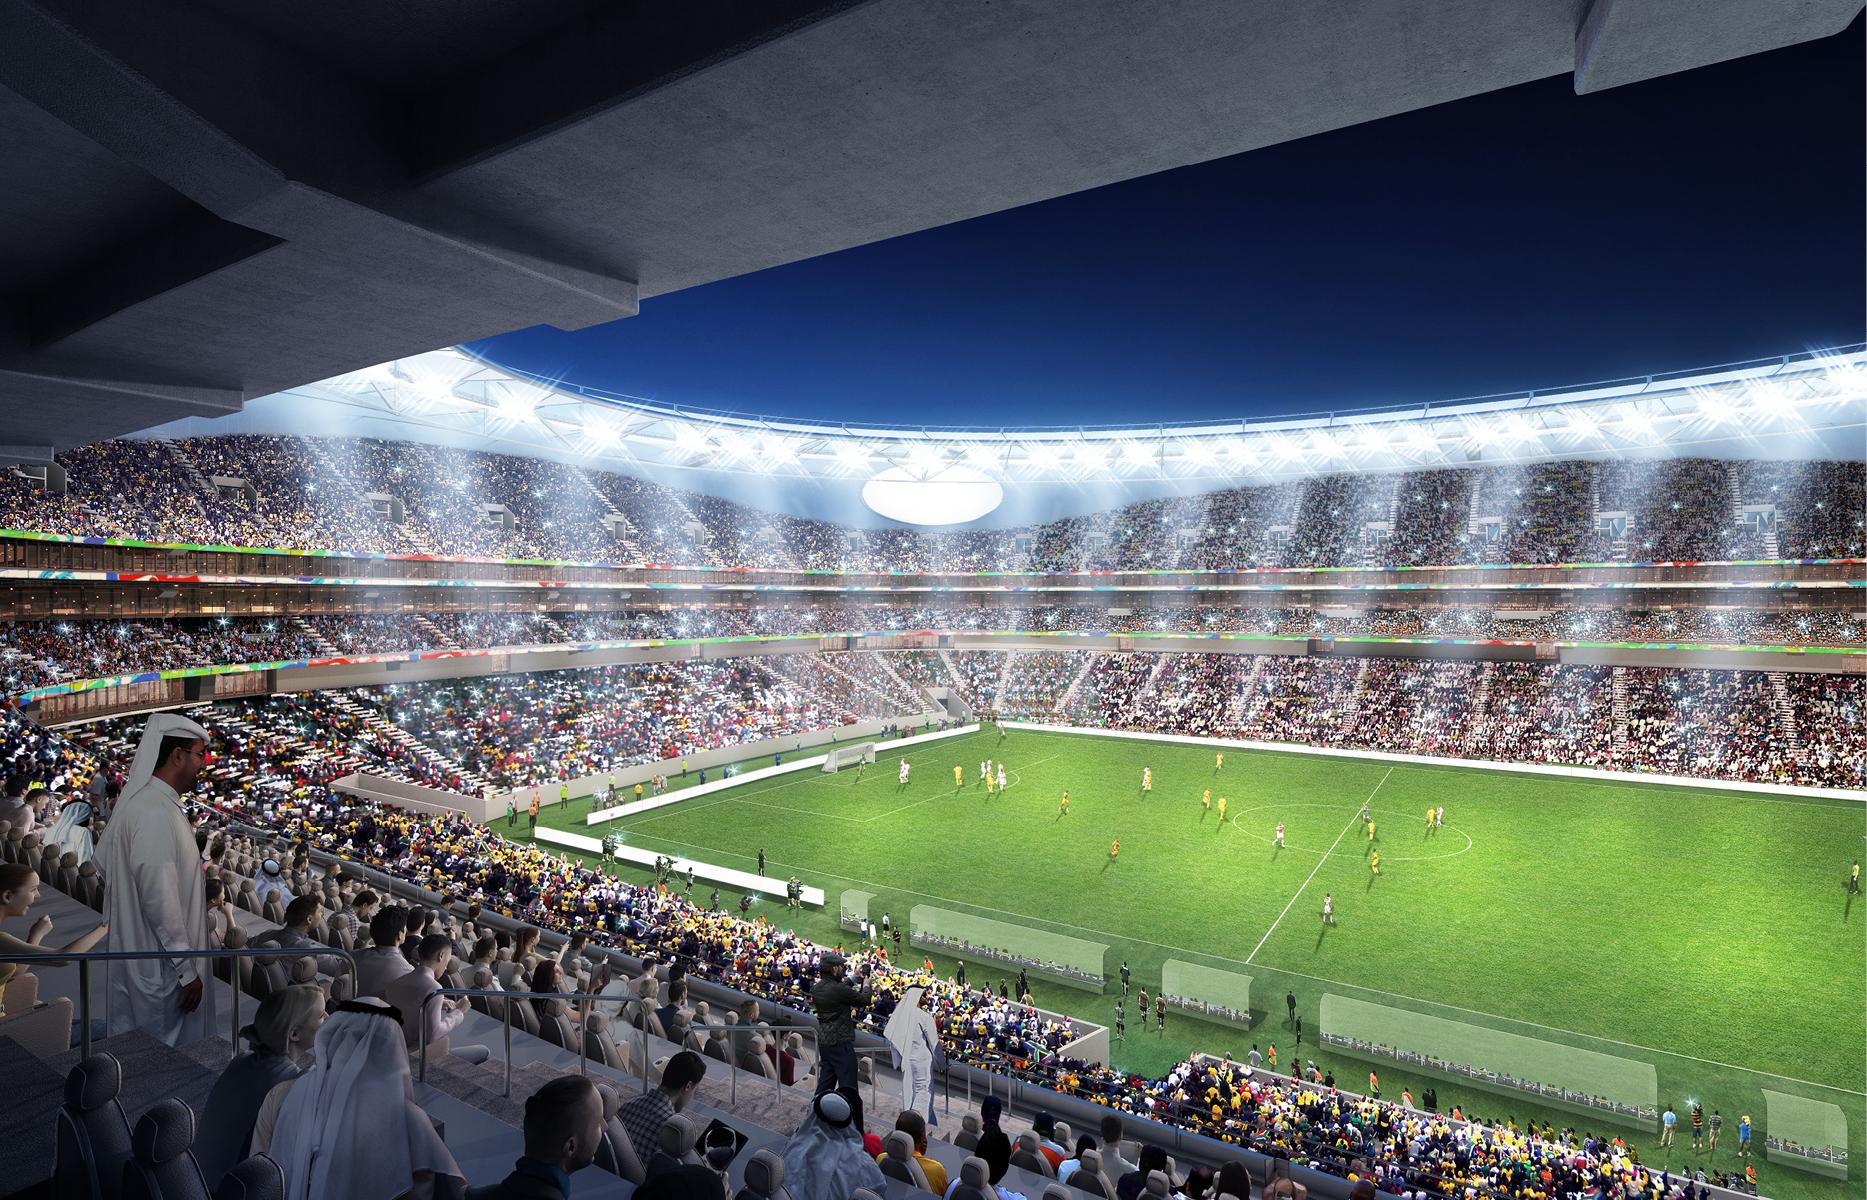 Стадион должен получить аккредитацию FIFA, которая позволит задействовать арену в качестве запасной для проведения любых международных матчей. Это означает, что Стадион Мохаммеда бин Рашидасможет принимать матчи, в экстренном порядке перенесенные из других городов